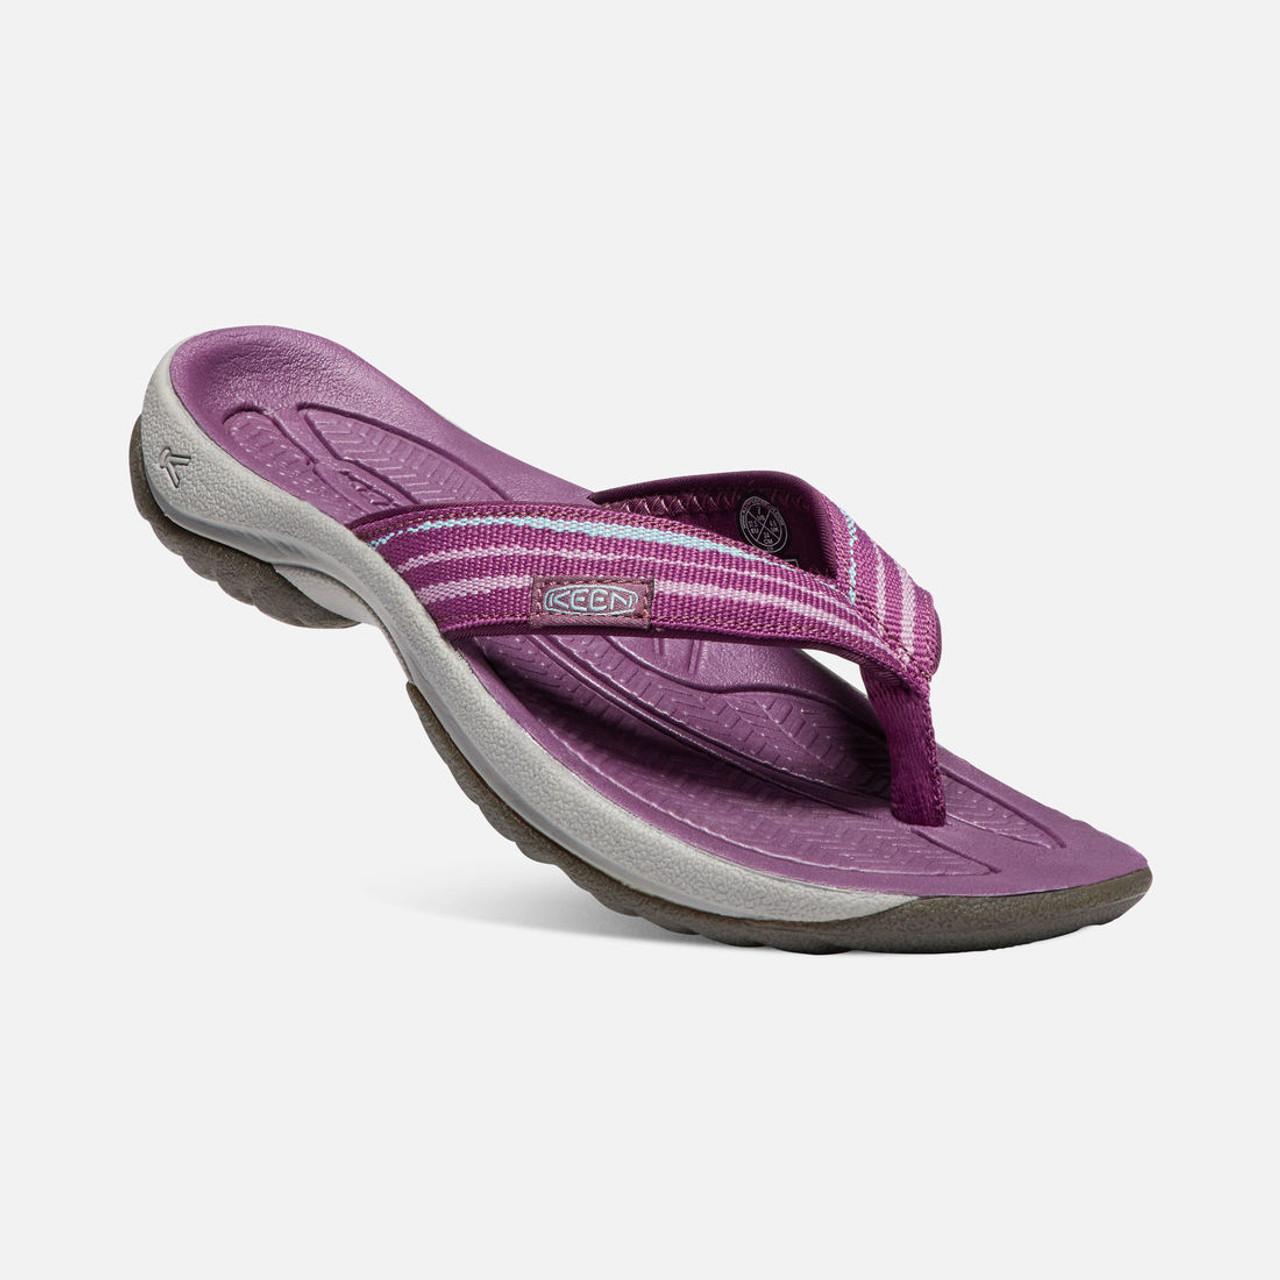 e52e9501fdcbf4 Women s Keen Kona Flip II Sandal - Herbert s Boots and Western Wear